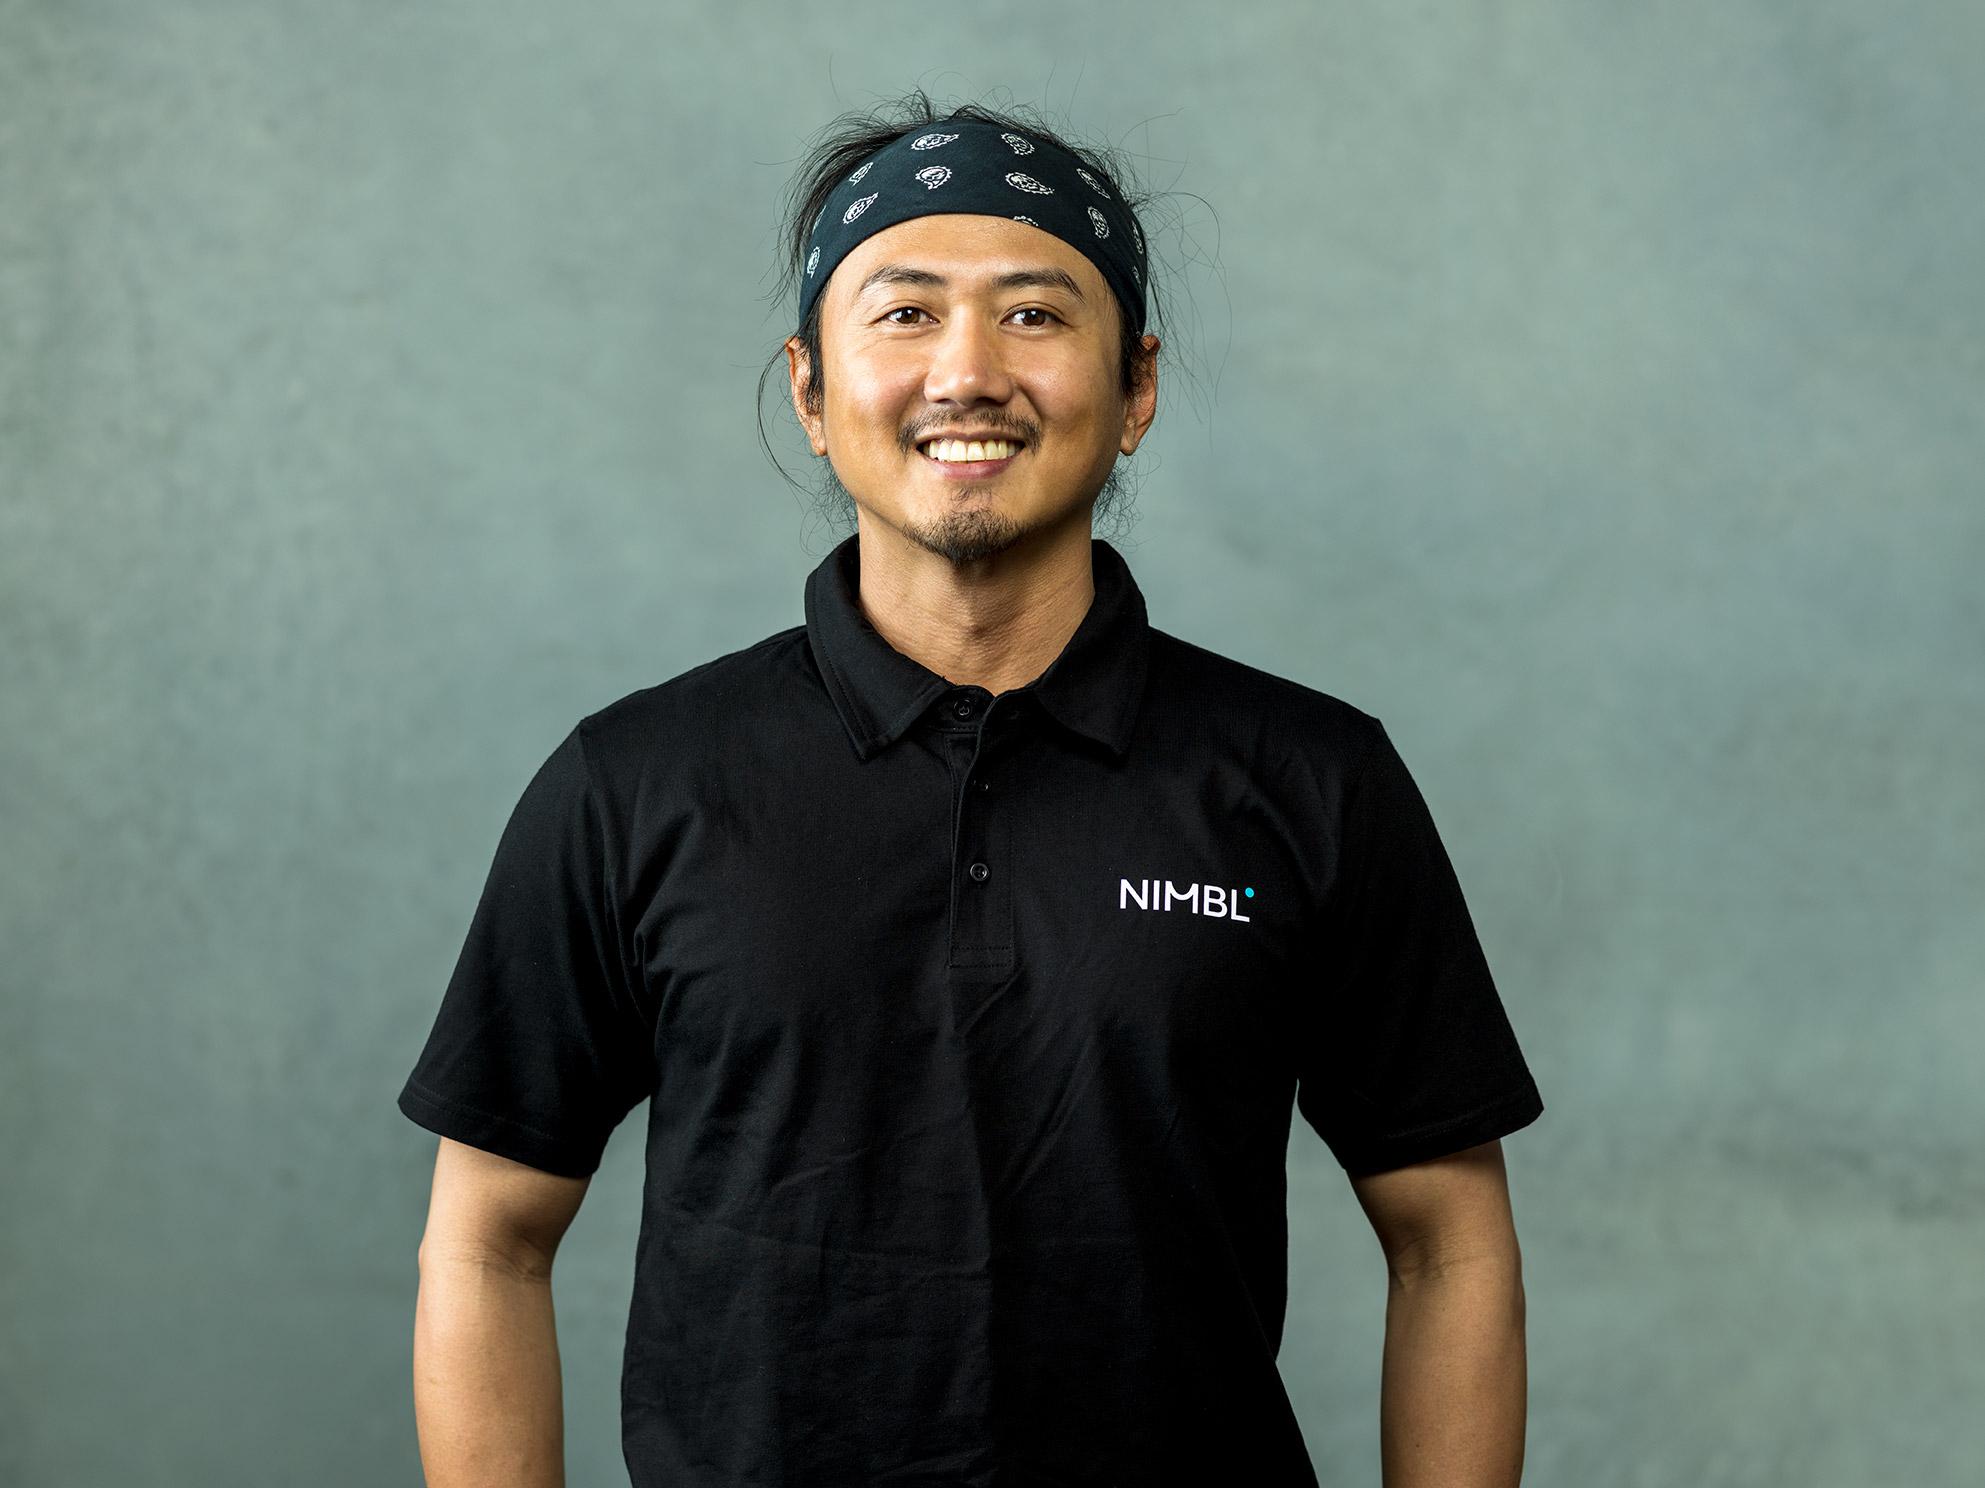 Melvin Payongayong